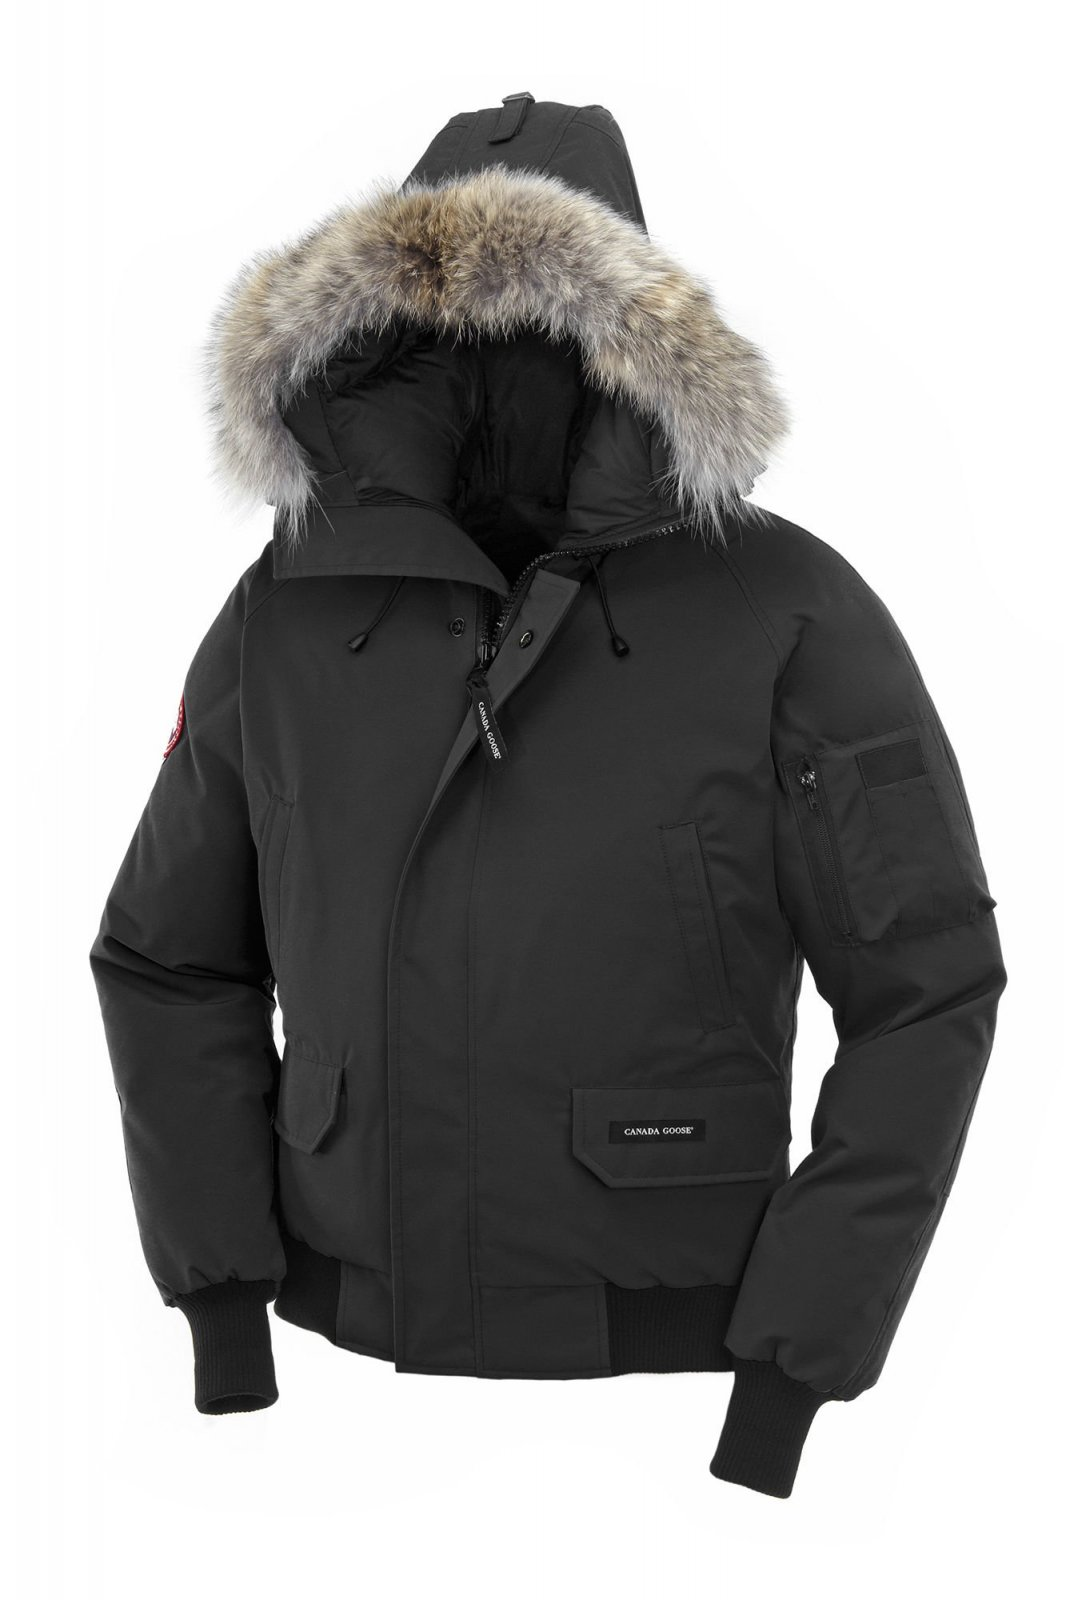 Noir Pour 7950m Doudoune Goose Homme Chilliwack Canada H4wqzEU4